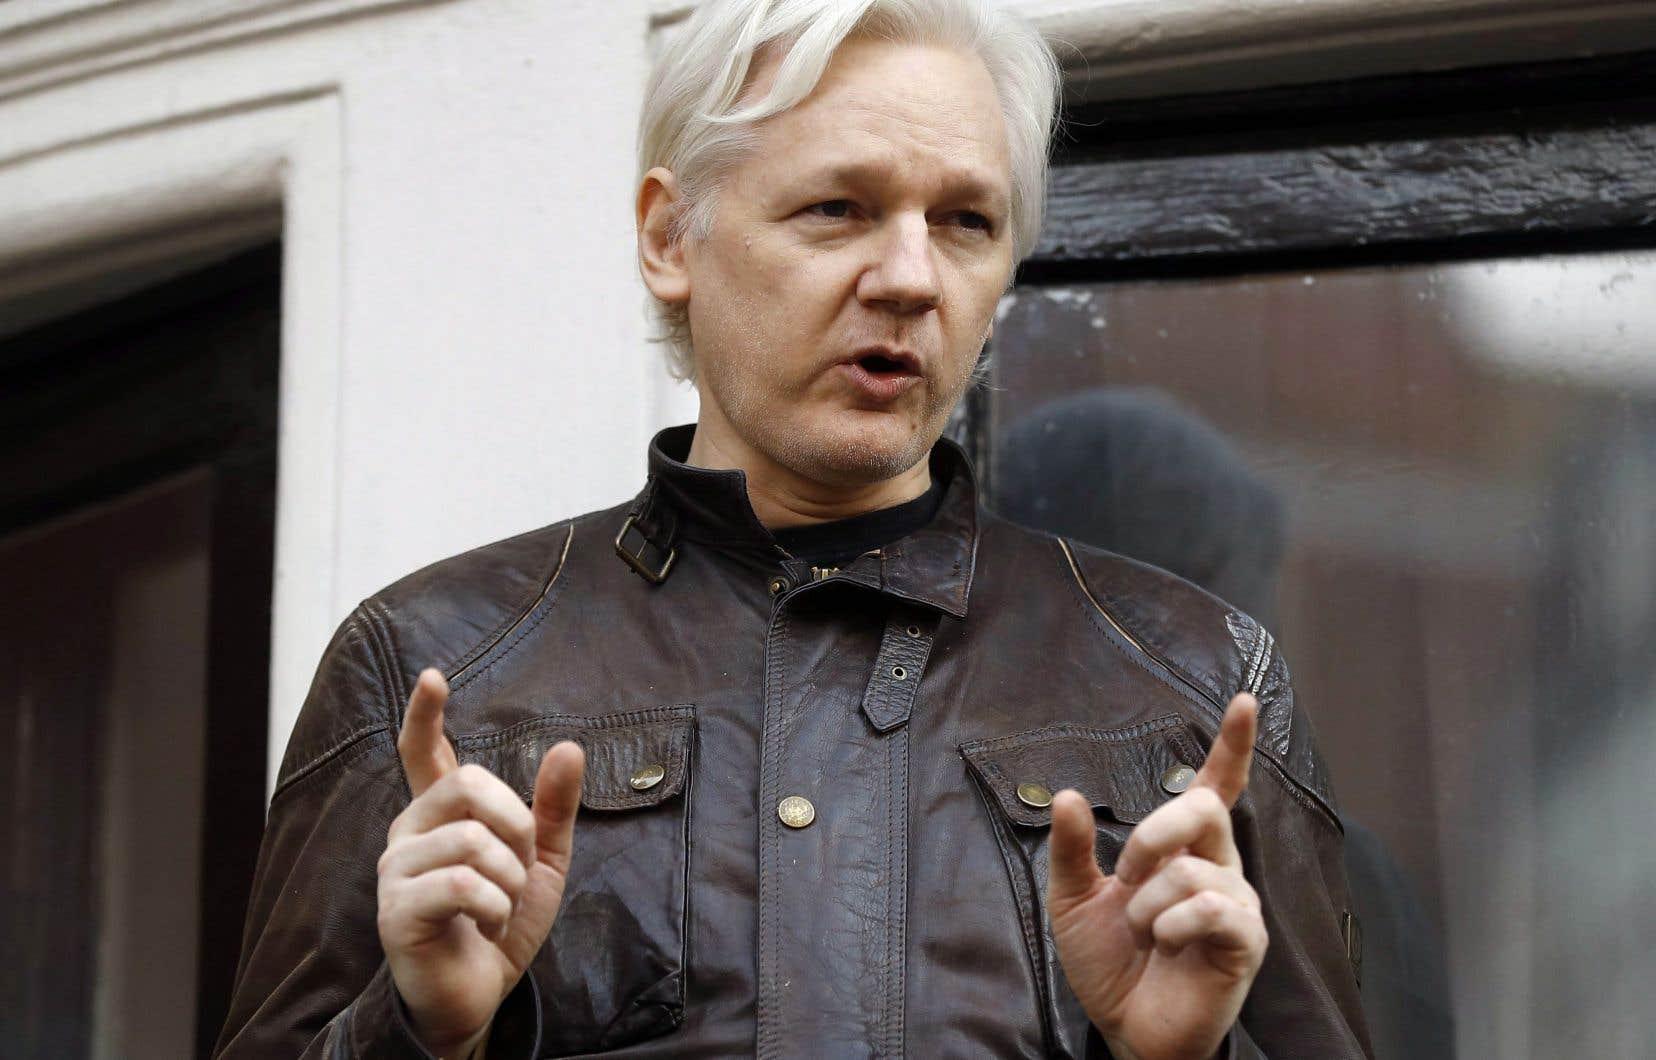 Assange «accuse le gouvernement de l'Équateur de violer ses droits fondamentaux et sa liberté».